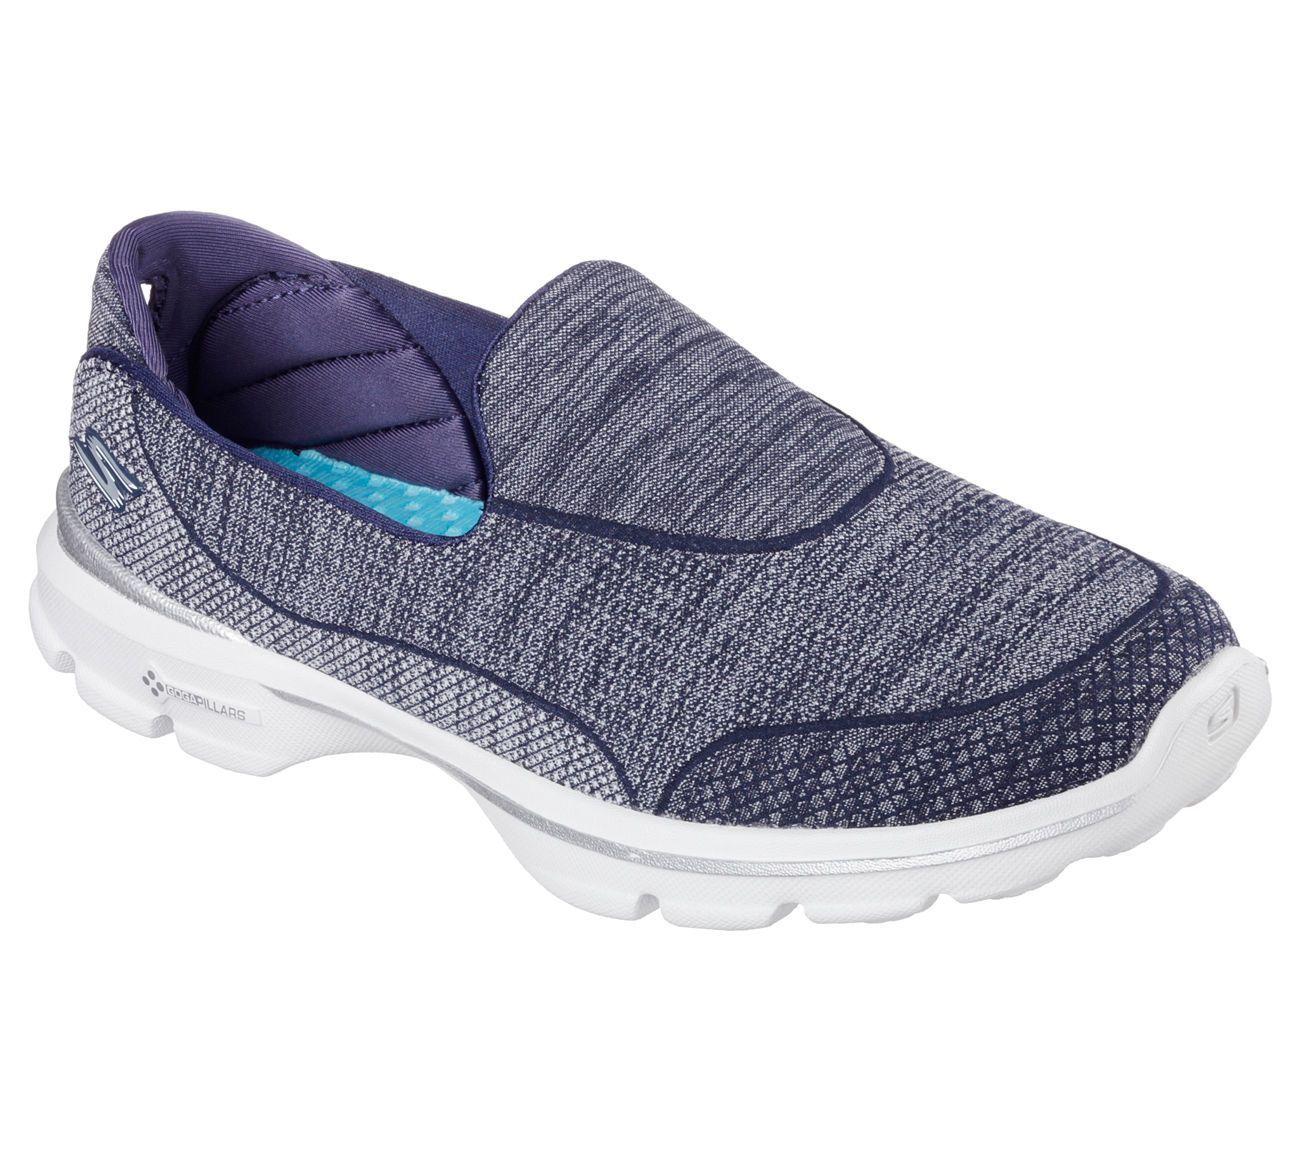 14046 Navy Skechers Shoes Go Walk 3 Women Soft Comfort